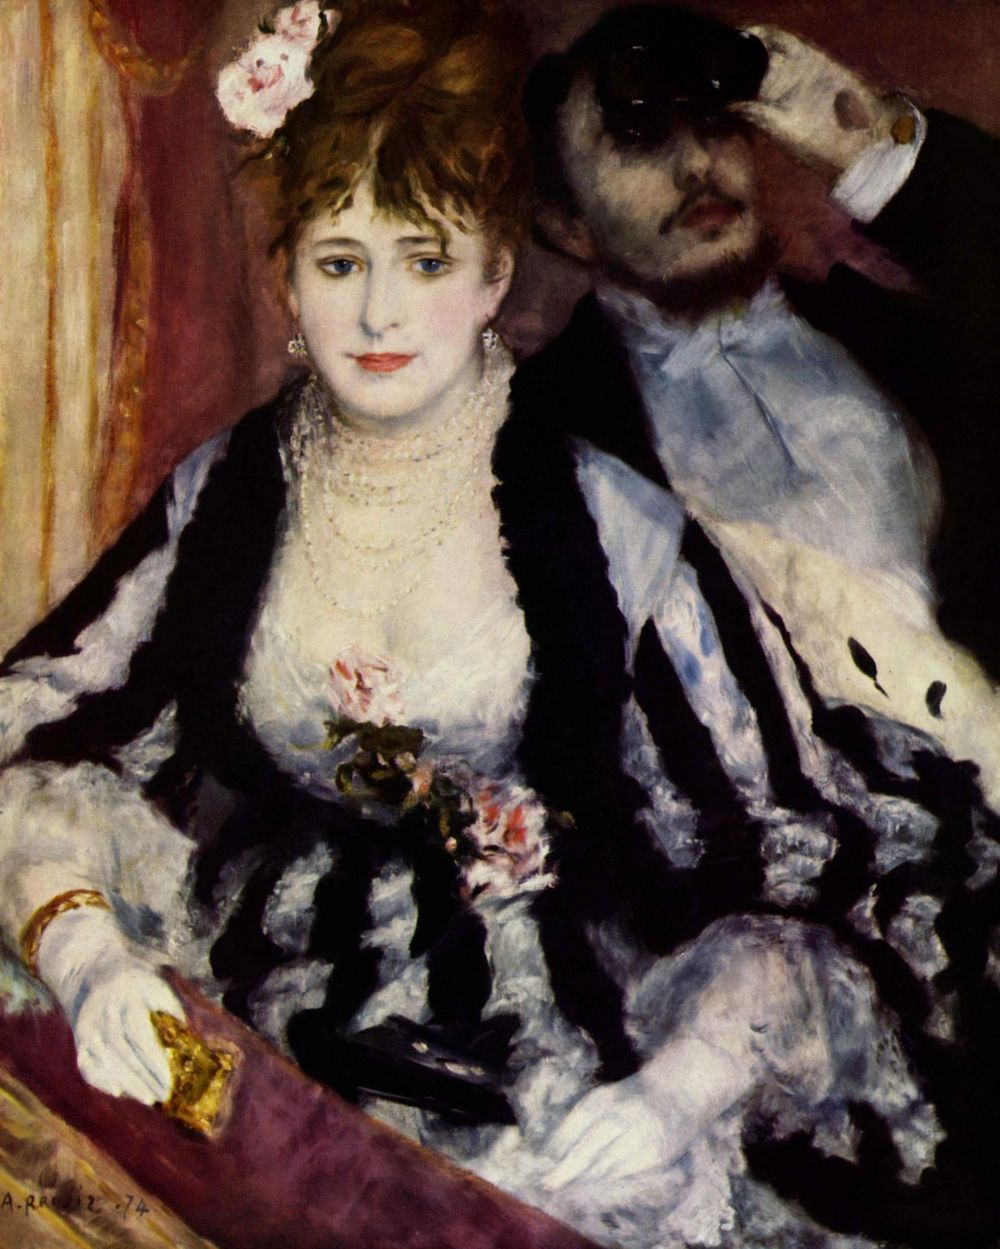 Первая выставка товарищества импрессионистов открылась в апреле 1874 года. Ренуар представил там «Танцовщицу» и «Ложу». Эта выставка обернулась провалом, но именно тогда молодых художников прозвали «импрессионистами» - поначалу это слово носило презрительный характер.